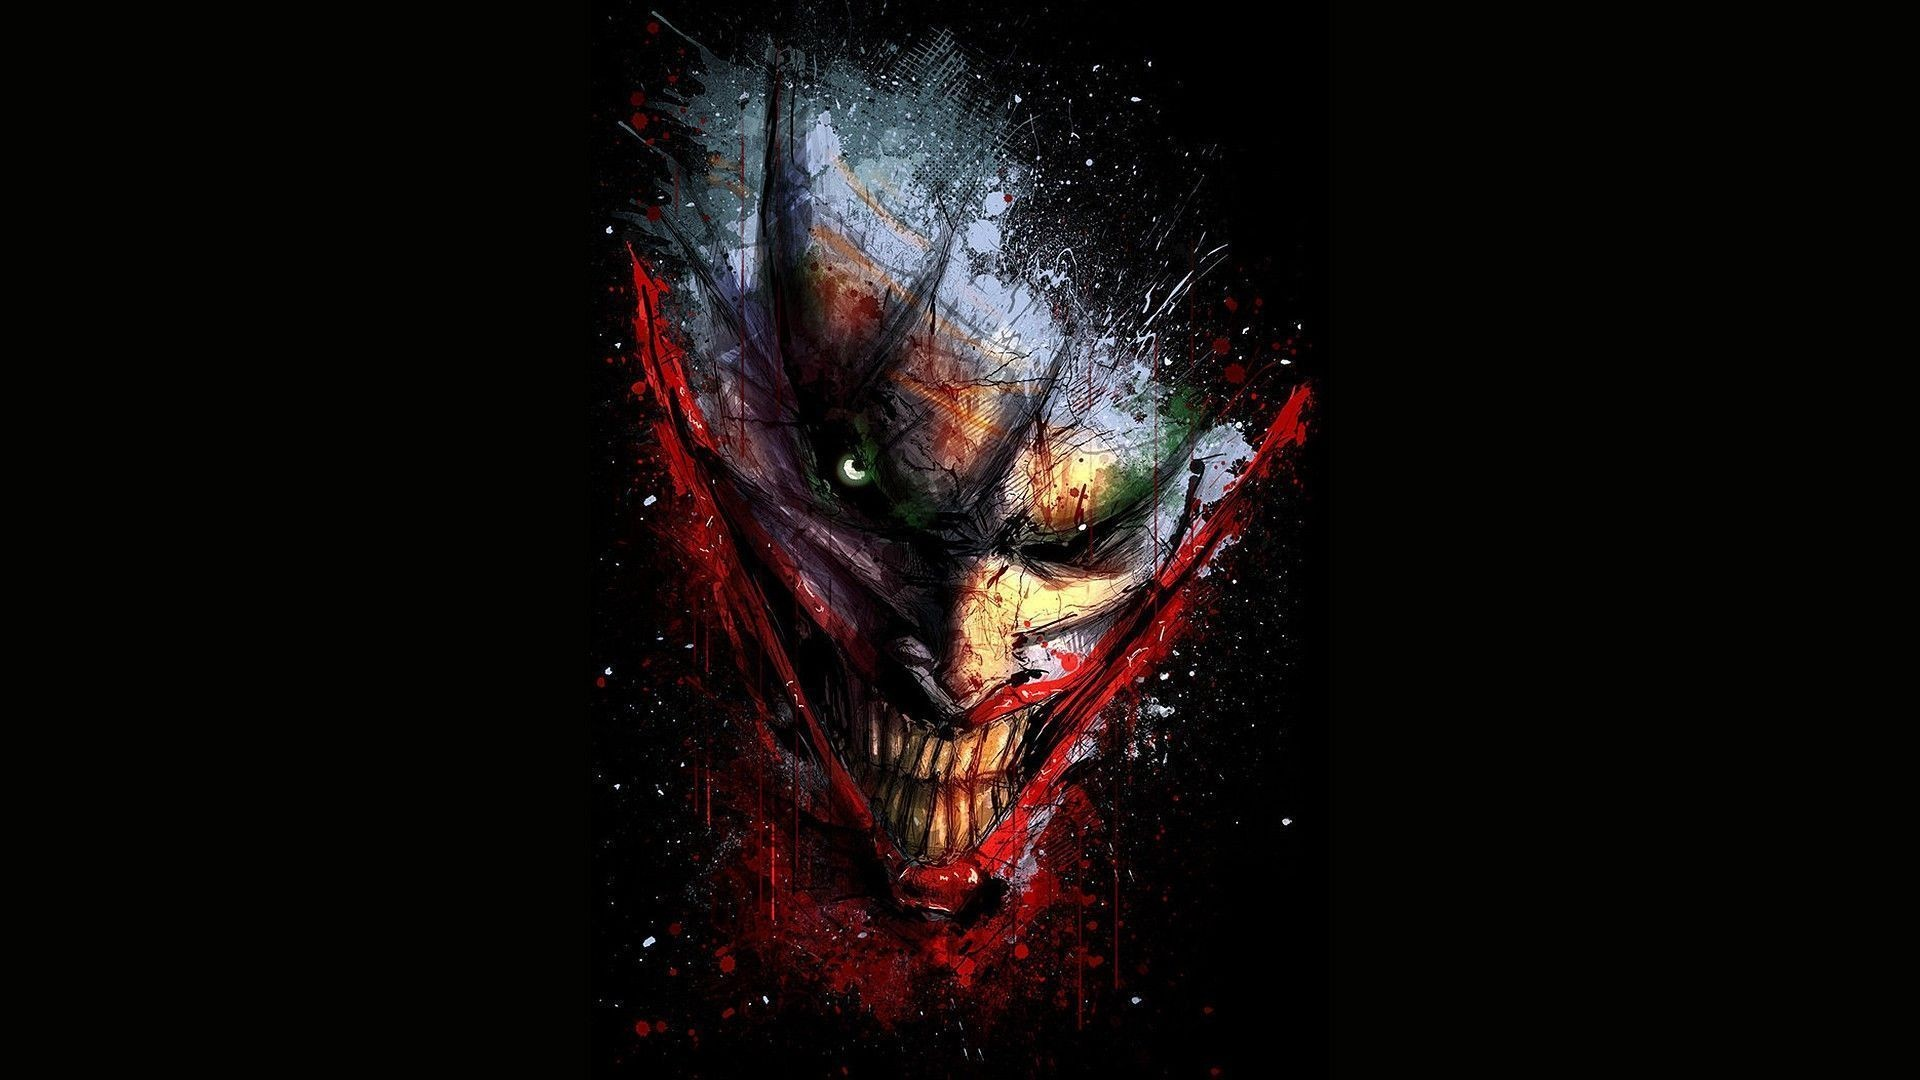 Joker – Batman Wallpaper #